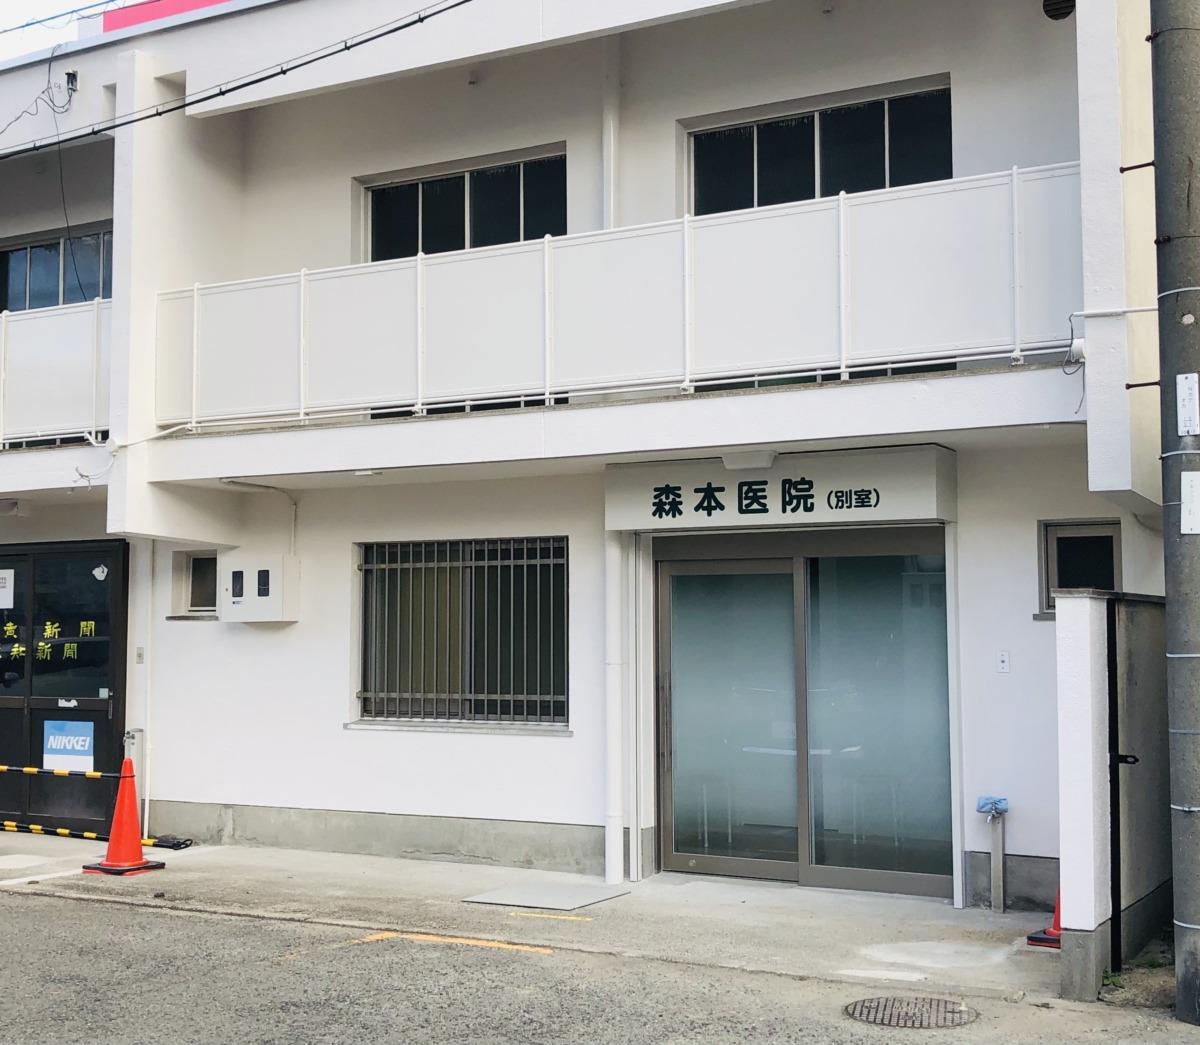 【2020.12月】堺市北区・新金岡幼稚園すぐ側『森本医院』に『森本医院(別室)』が完成しました!: